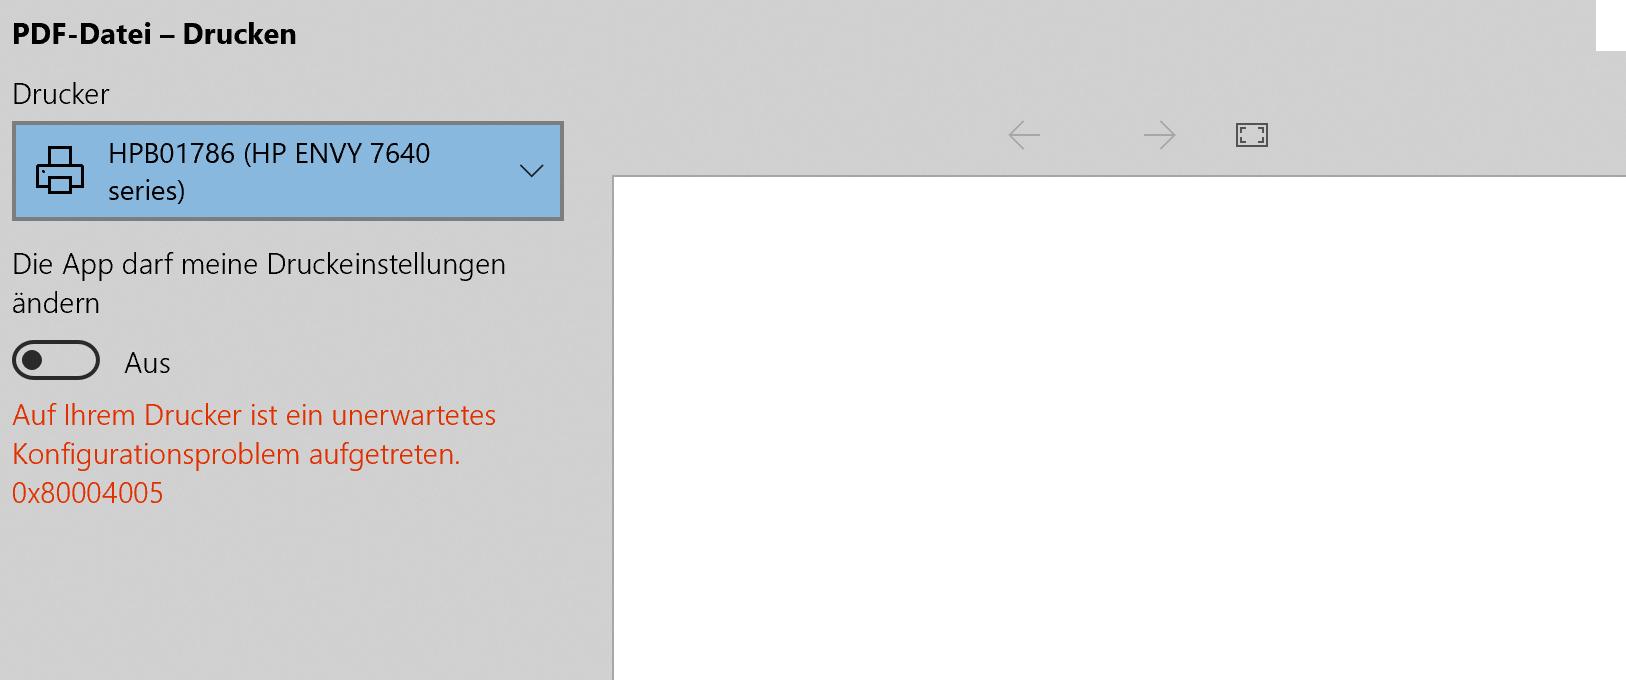 Microsoft Surface Book 2 druckt nichtmehr